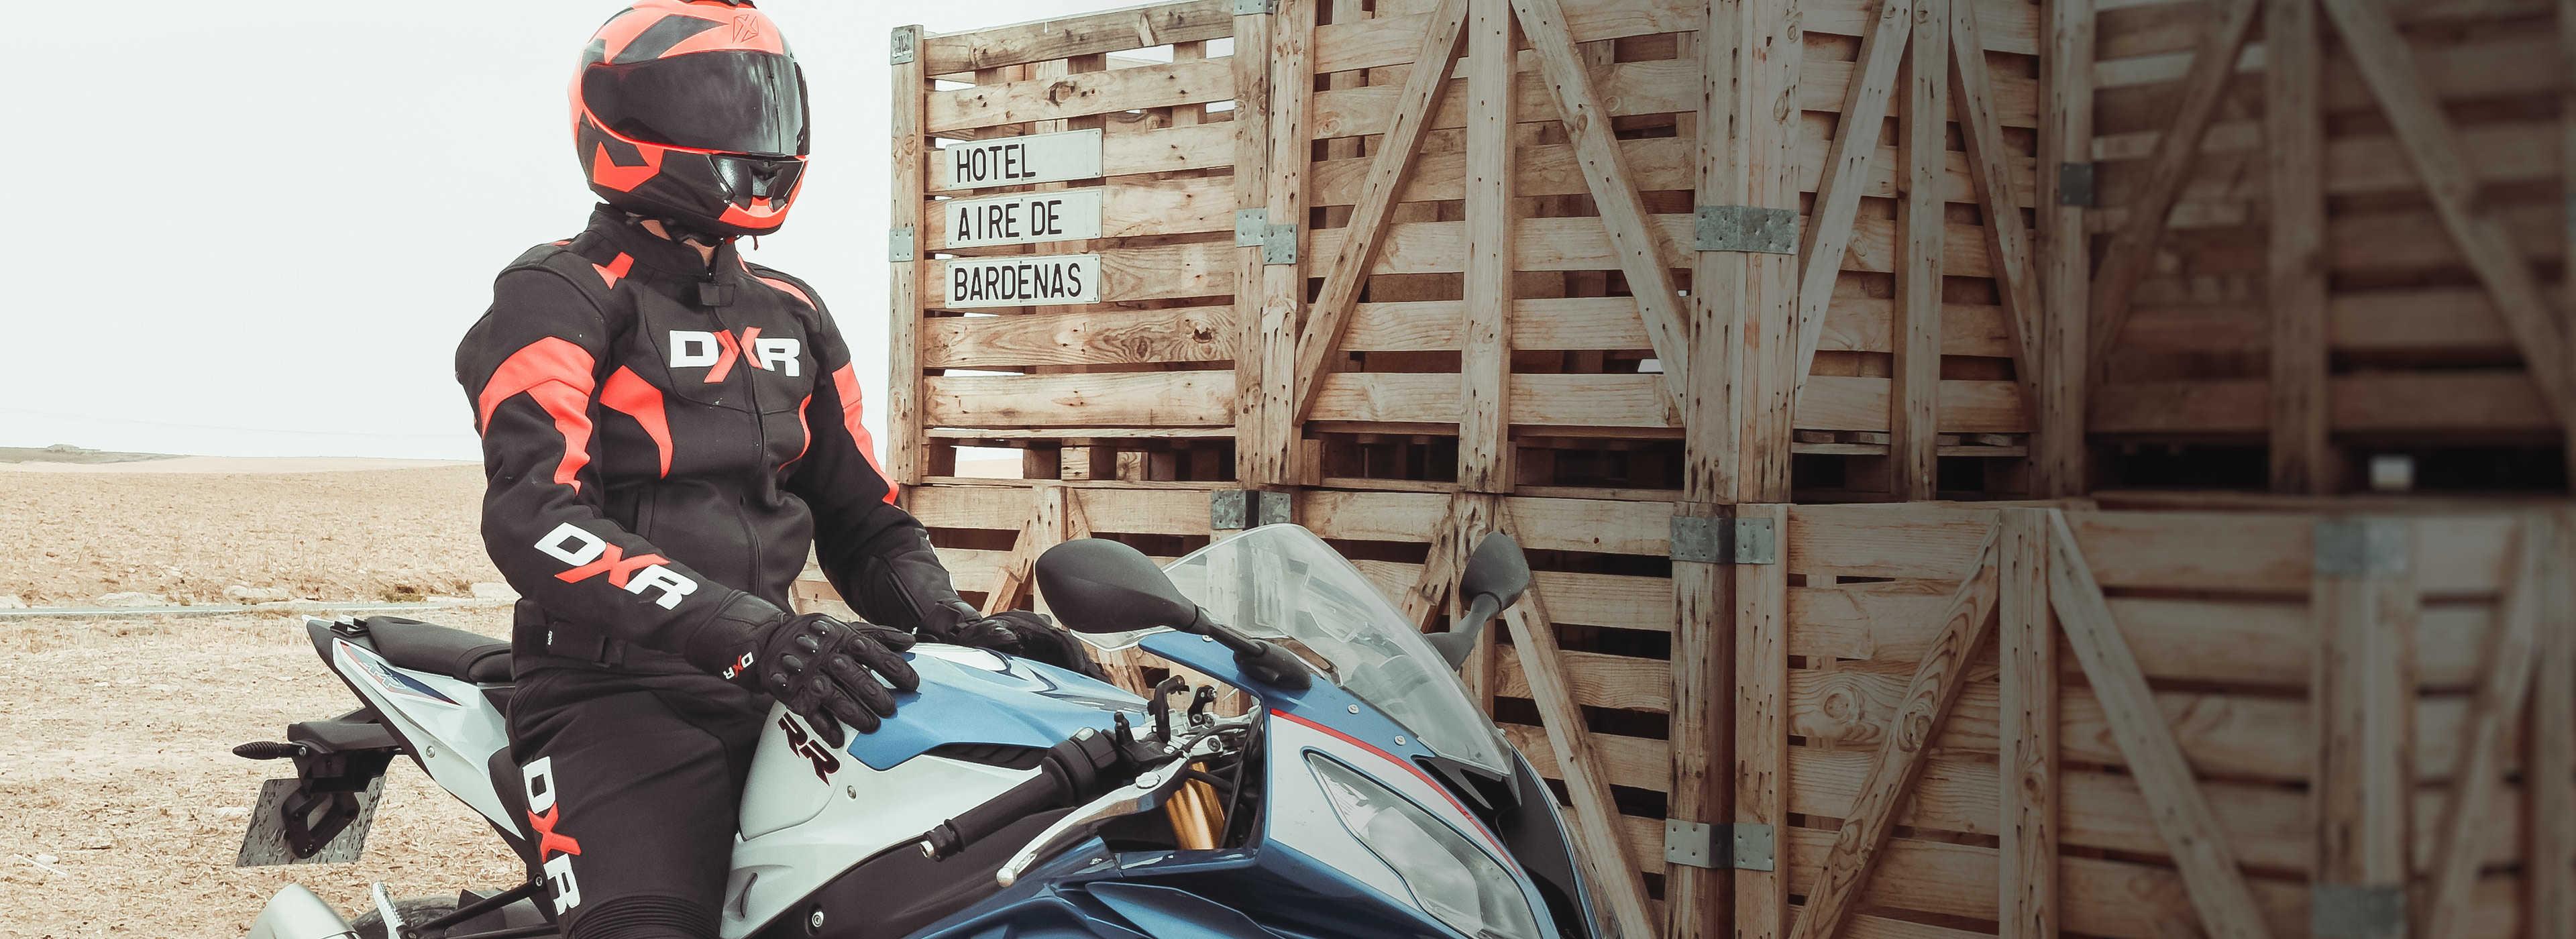 Des produits techniques, confortables et sécuritaires au meilleur prix. Découvrez les marques Motoblouz, conçues par des motards pour les motards !